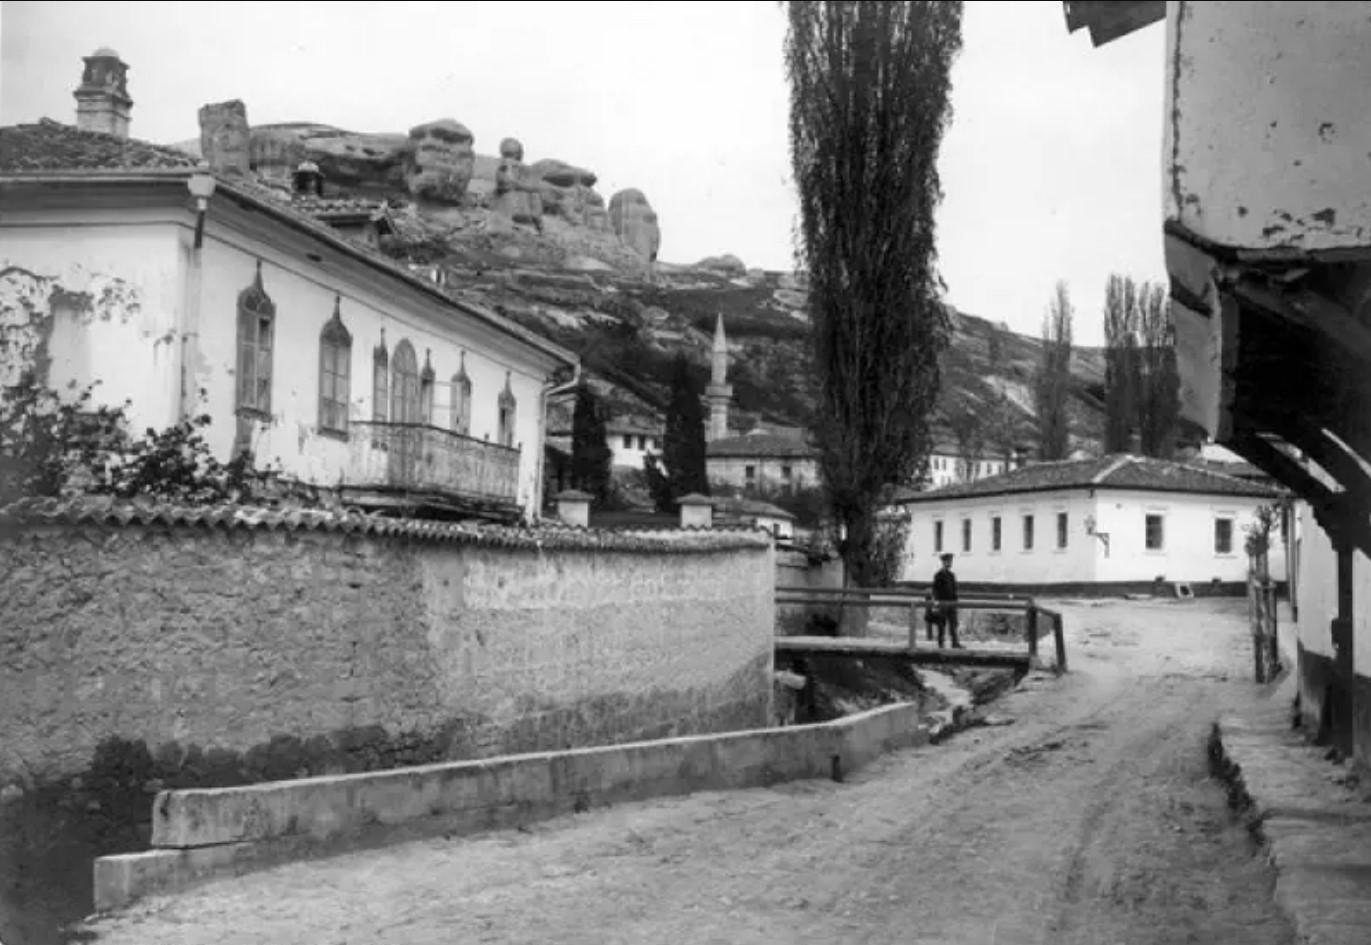 Вид улицы в Бахчисарае близ Ханского дворца. 1915